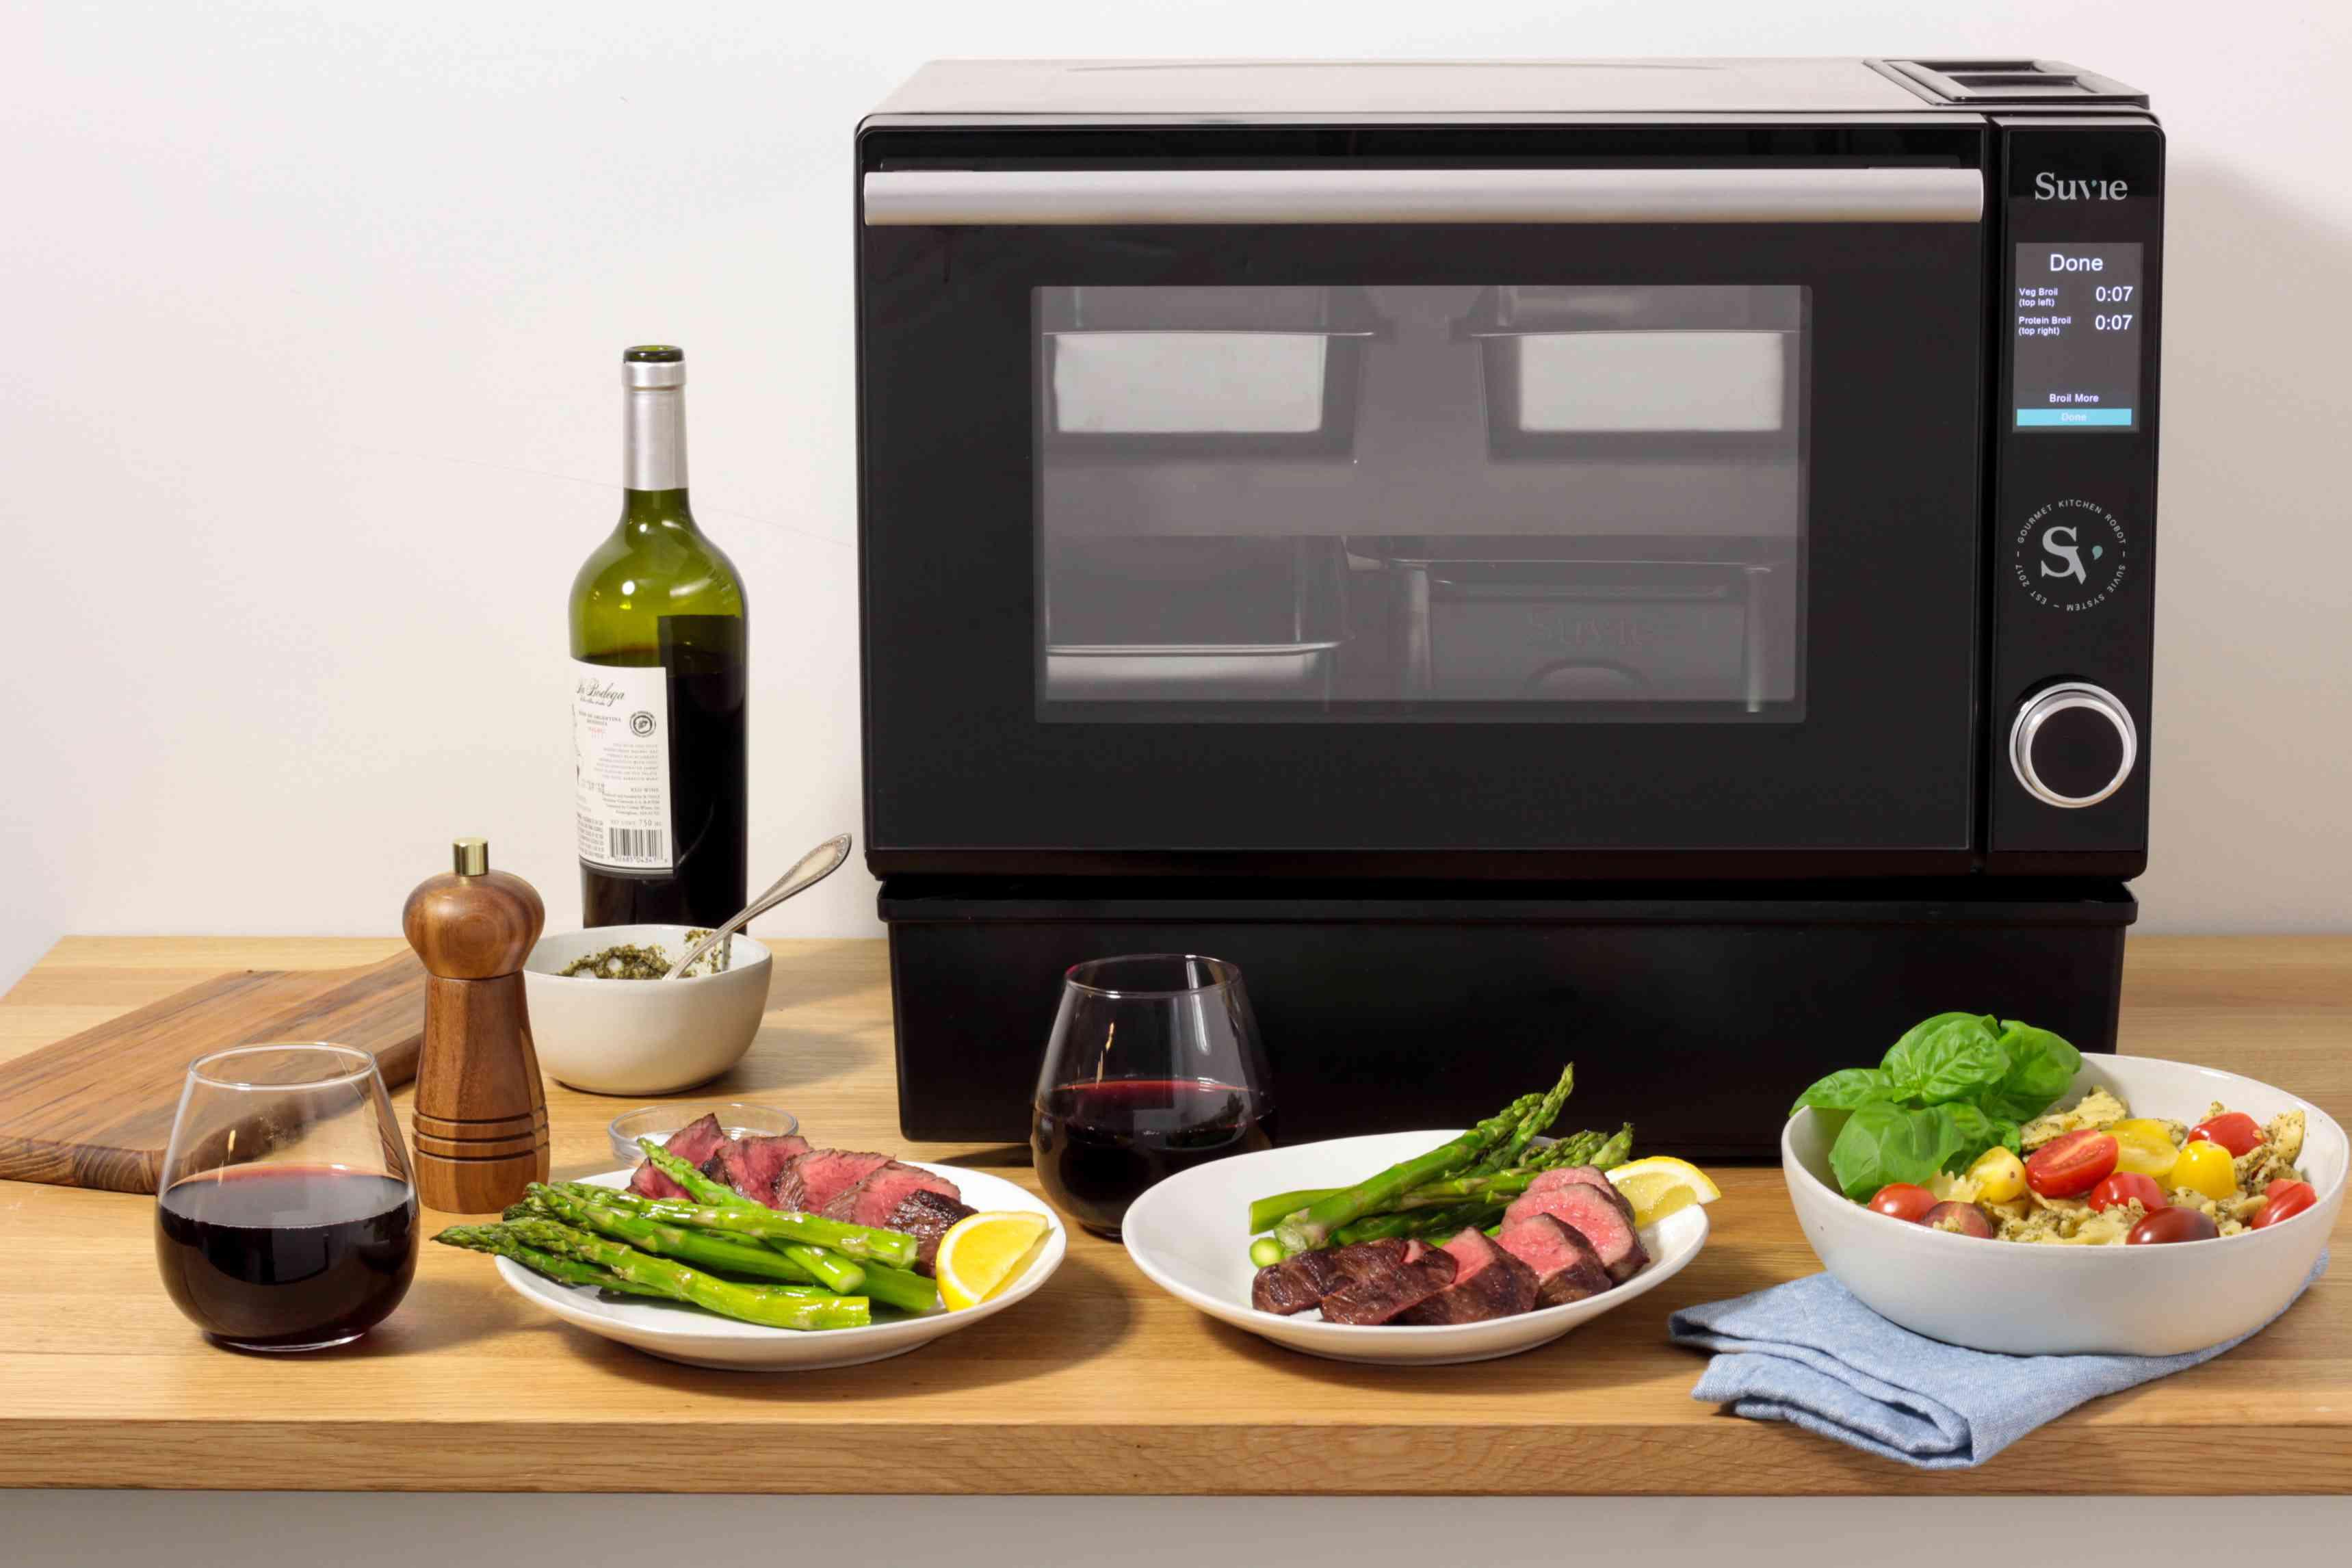 The Suvie Kitchen Robot